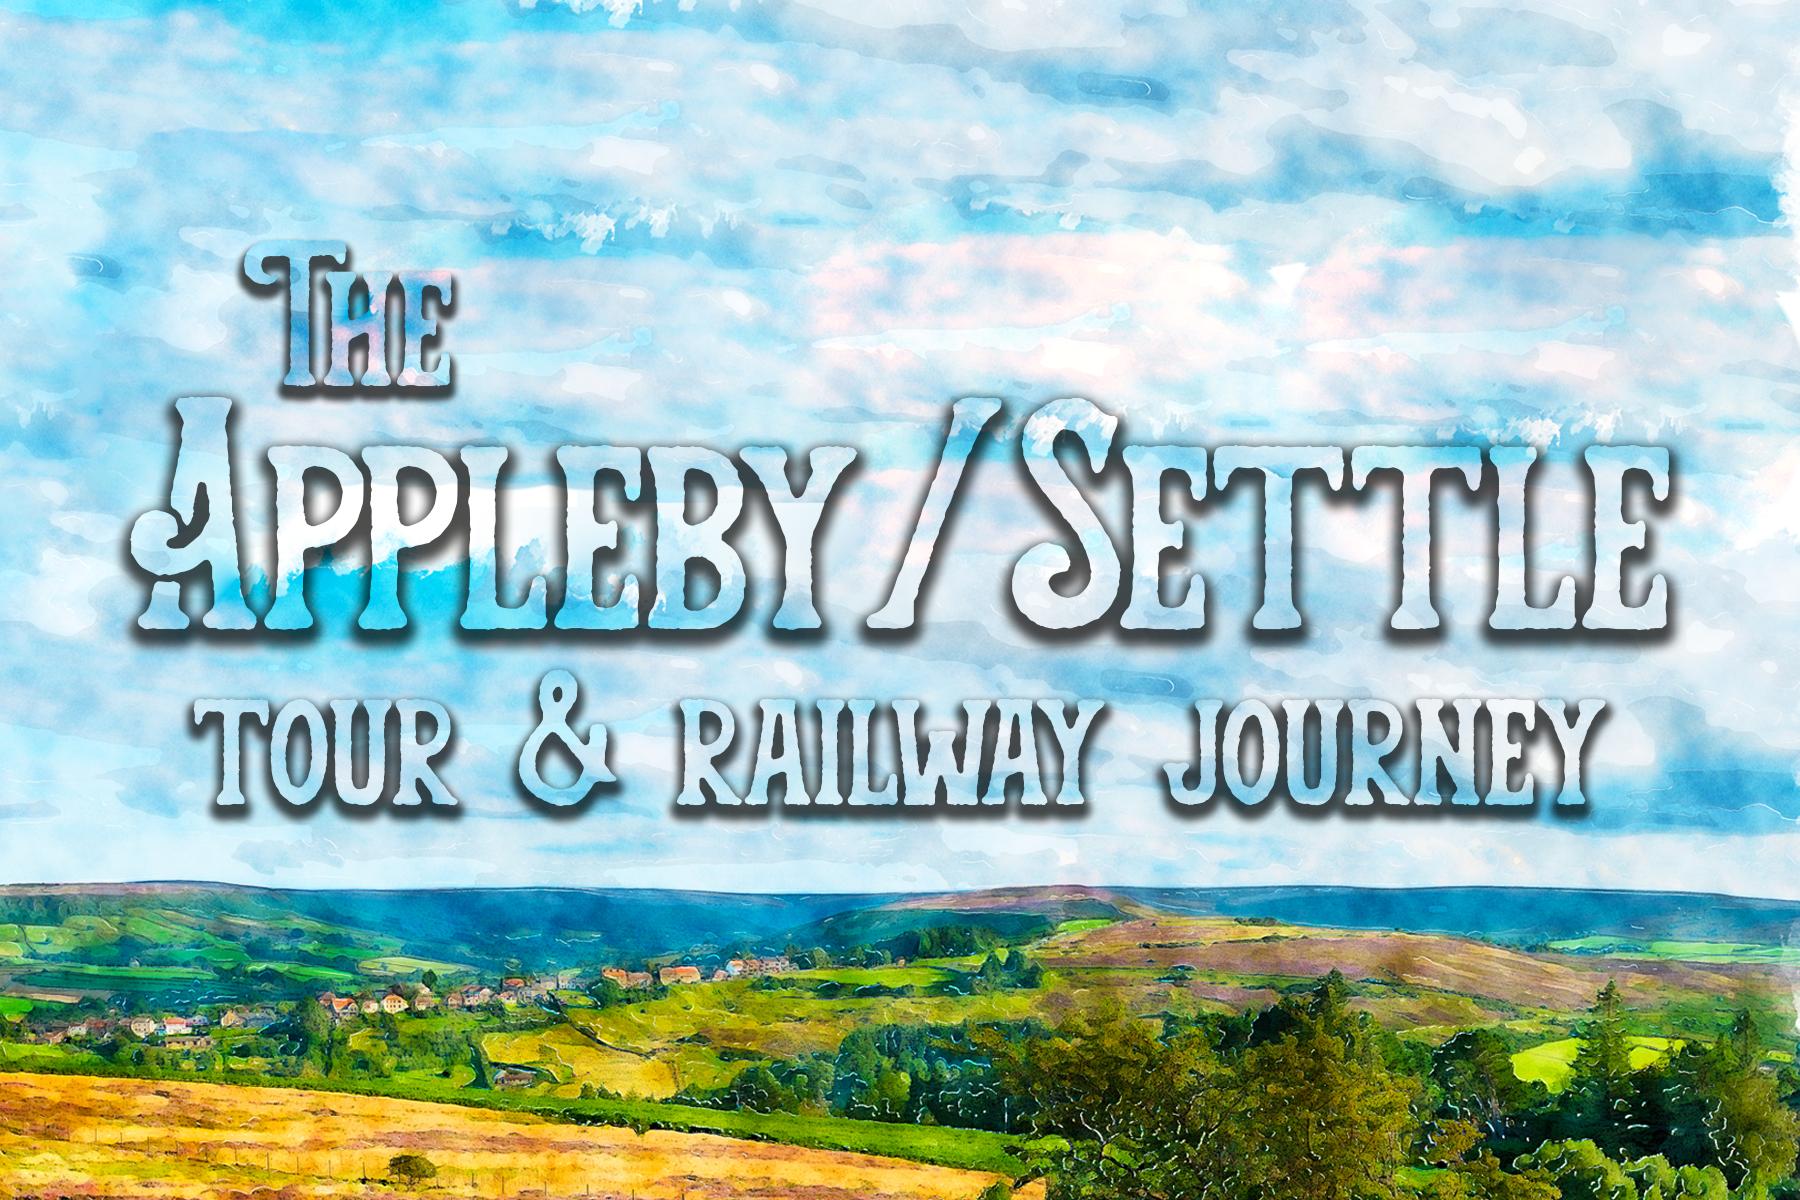 Appleby / Settle Tour & Railway Journey with Simon Entwistle